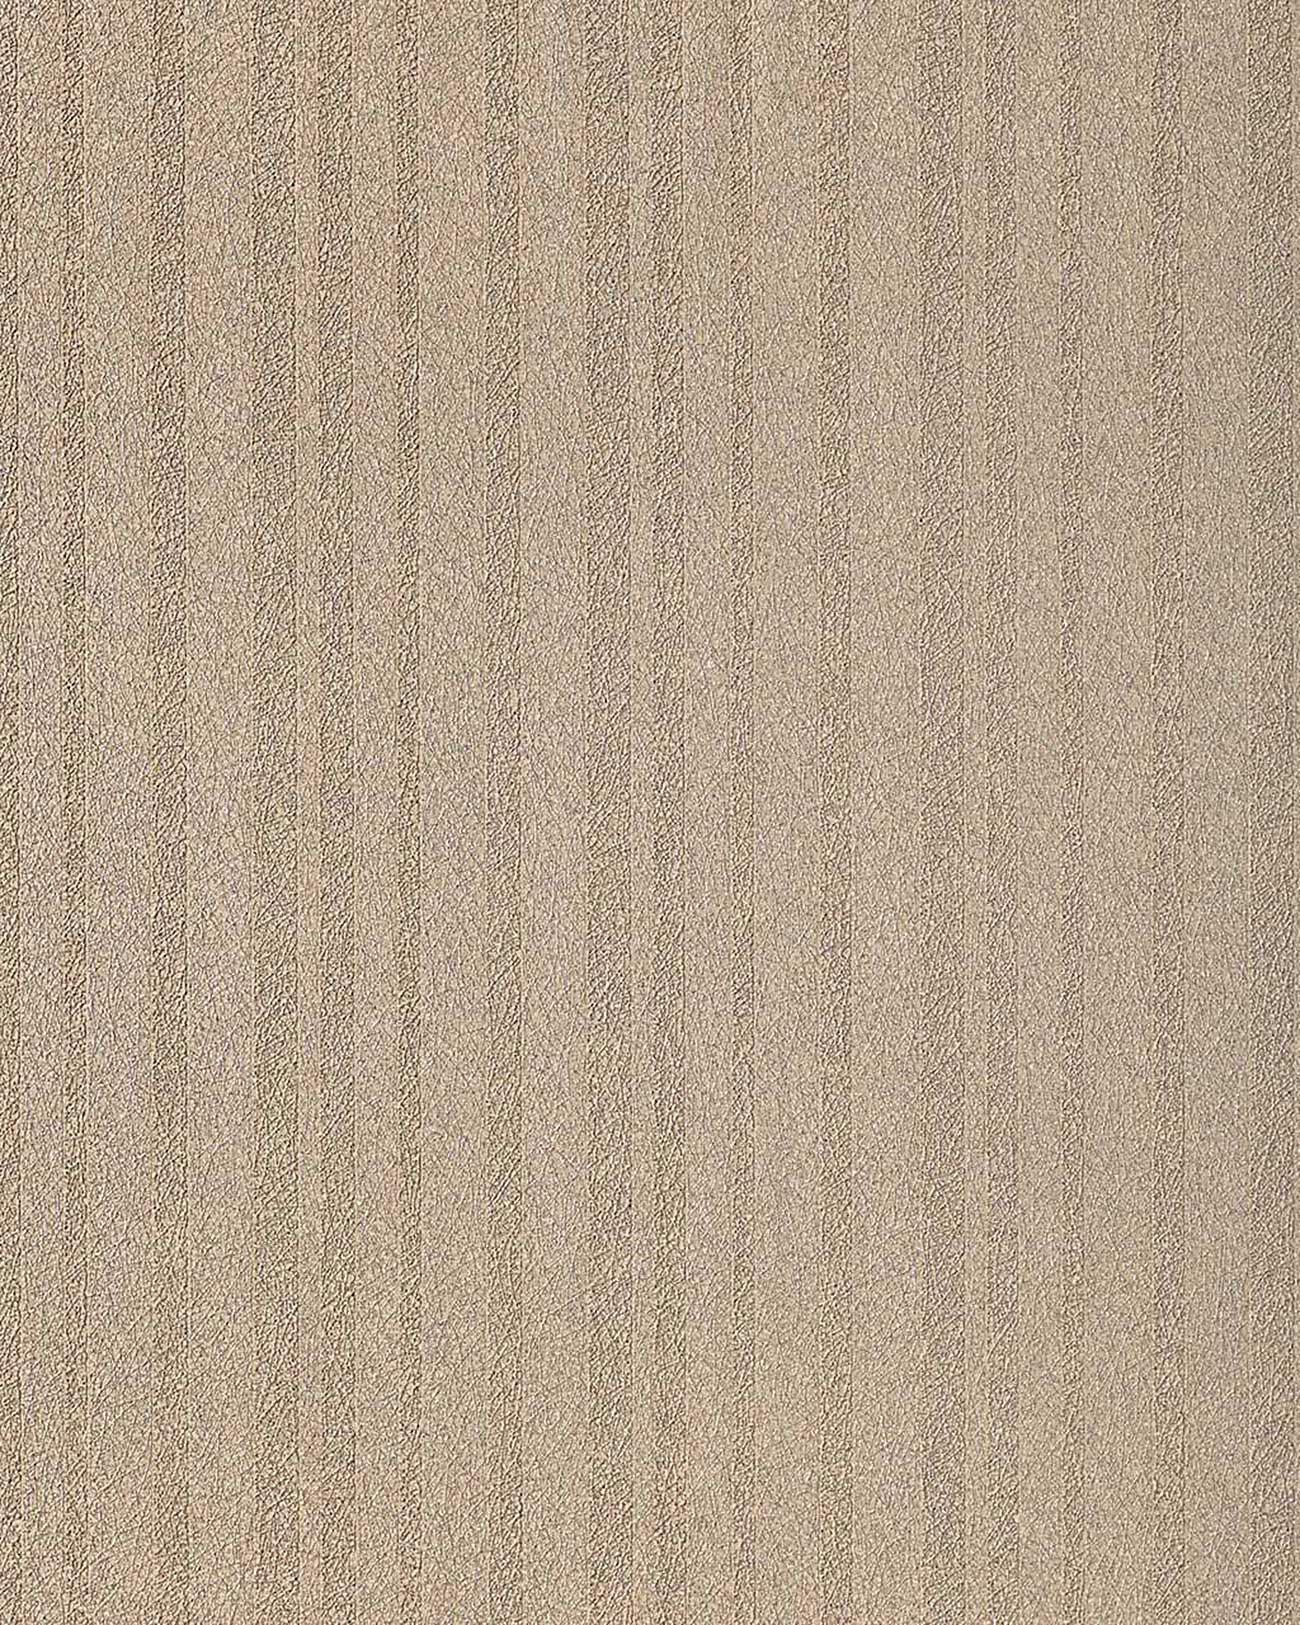 streifen tapete edem 1015 13 fashion designer uni tapete dezente struktur muster hochwaschbare. Black Bedroom Furniture Sets. Home Design Ideas